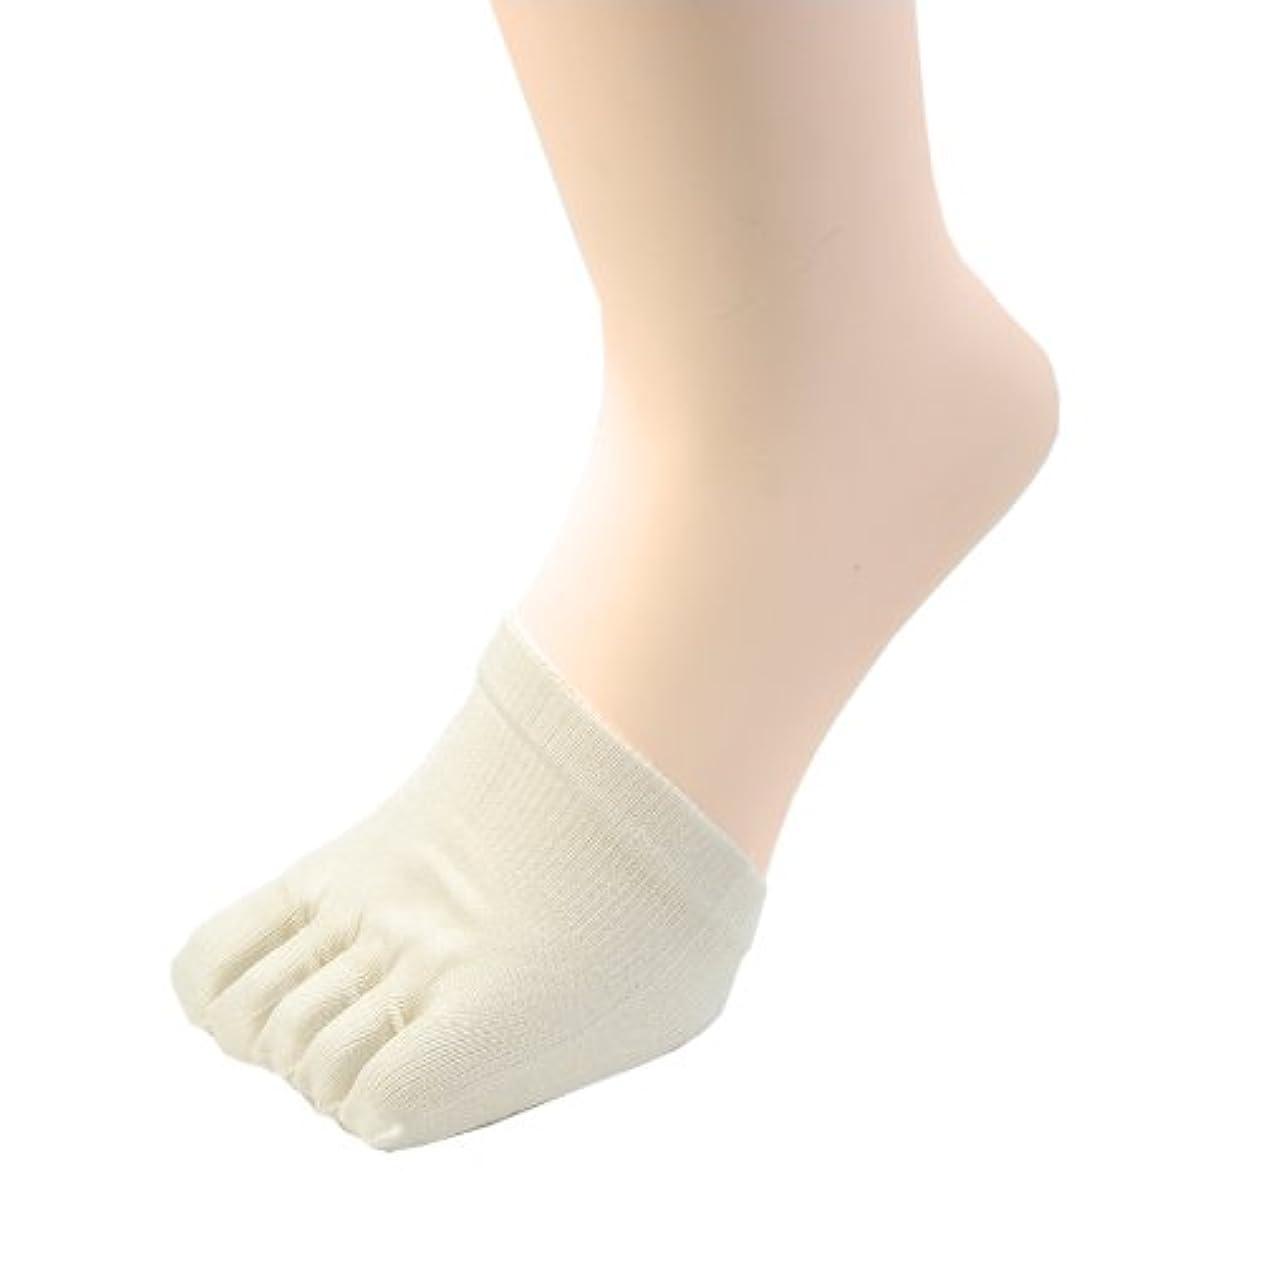 暫定の性的他に冷えとり 絹 ( シルク )100% ハーフ 5本指 下履き (クツしたイン) ソックス 着圧健康ソックスの必需品! 2足組 #685